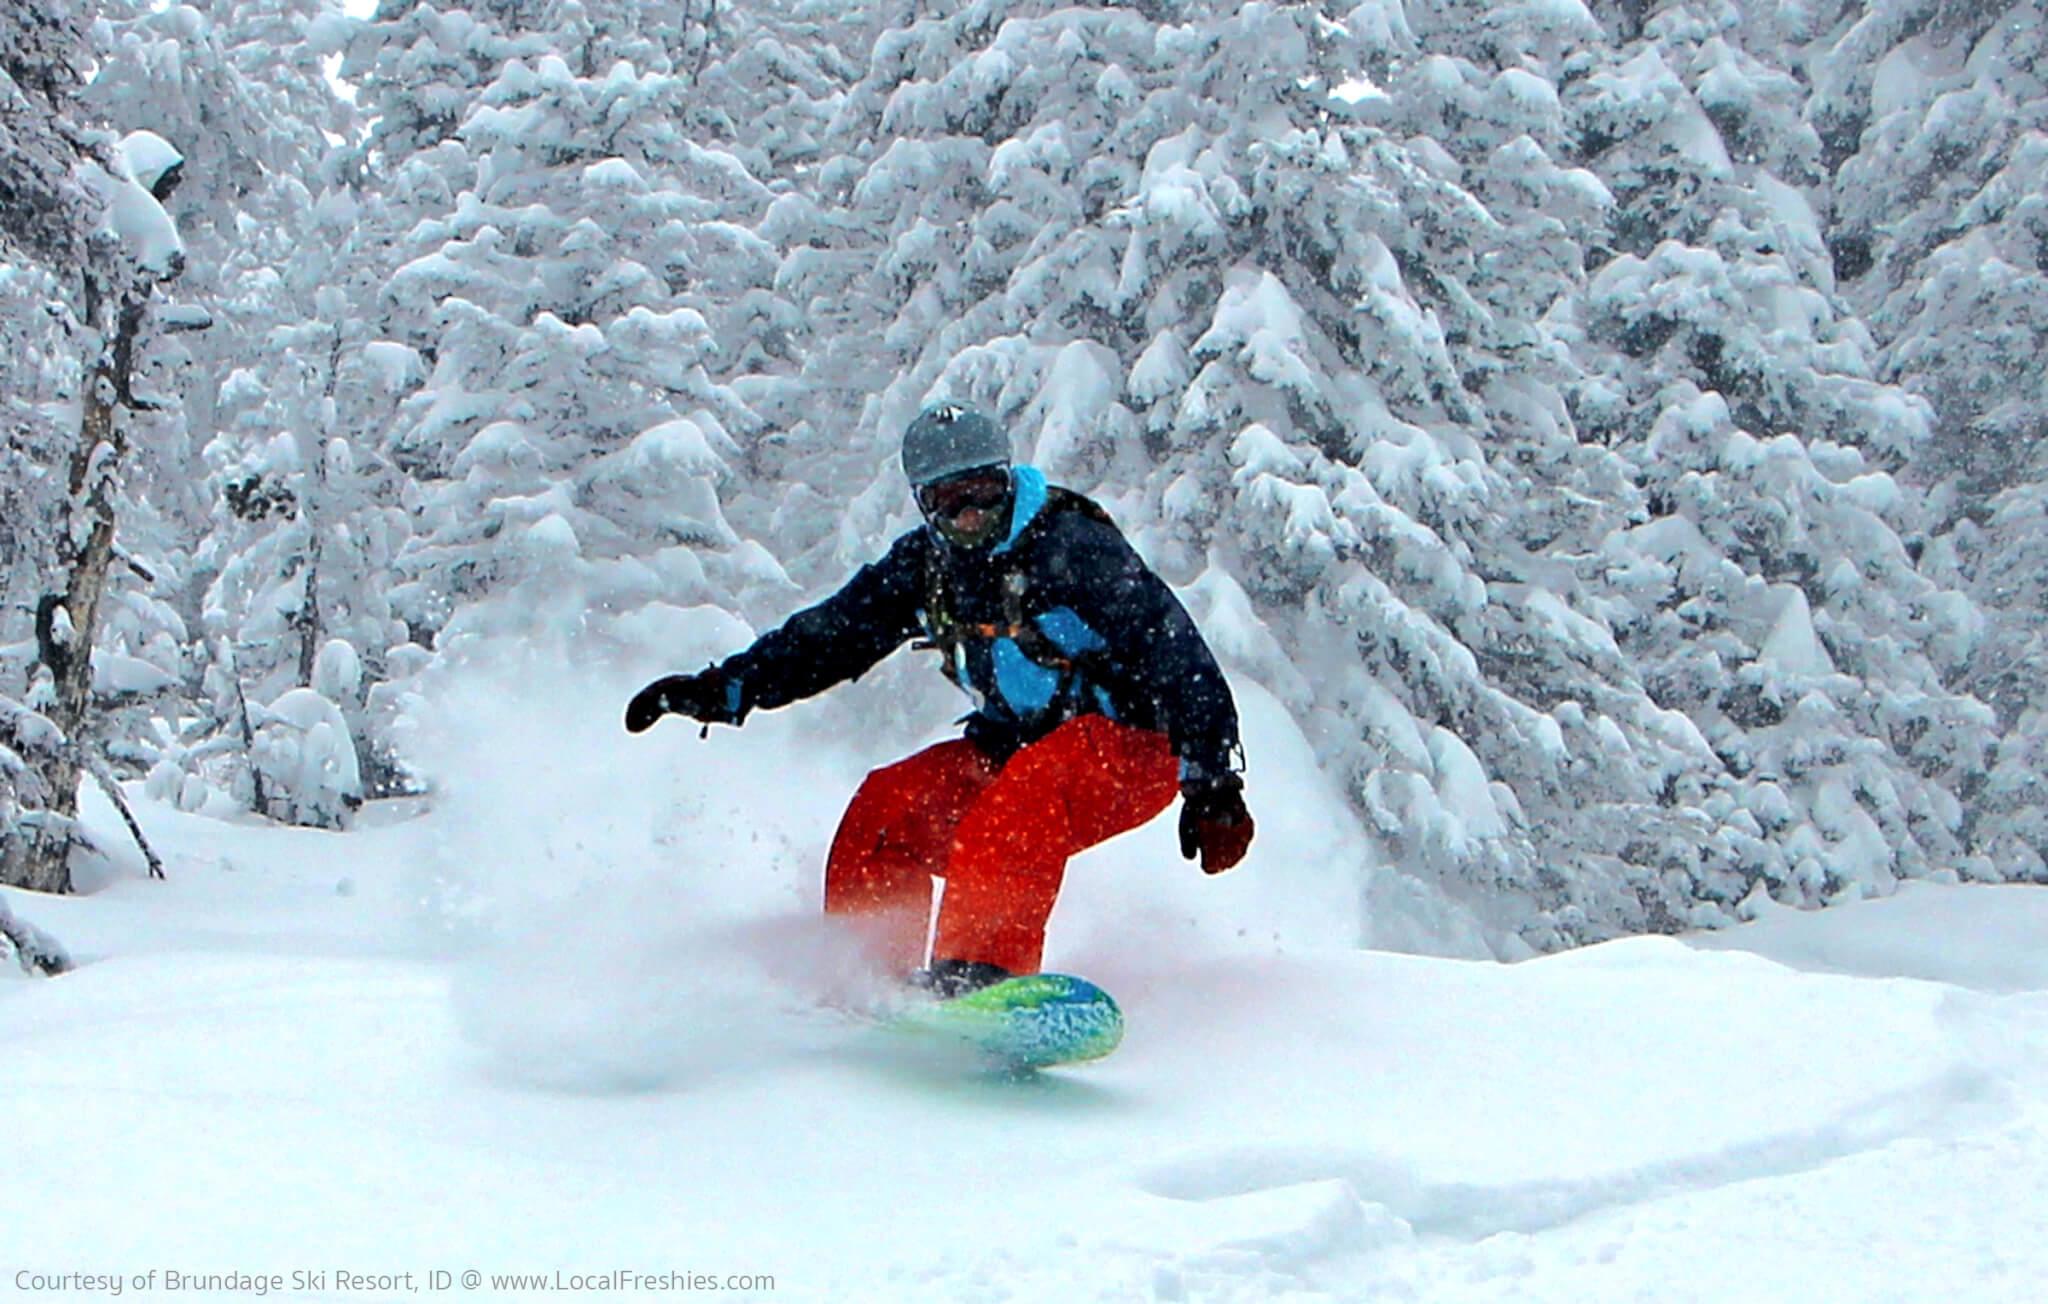 McCall Brundage Ski Resort Snowboarding Heelside Carve Powder